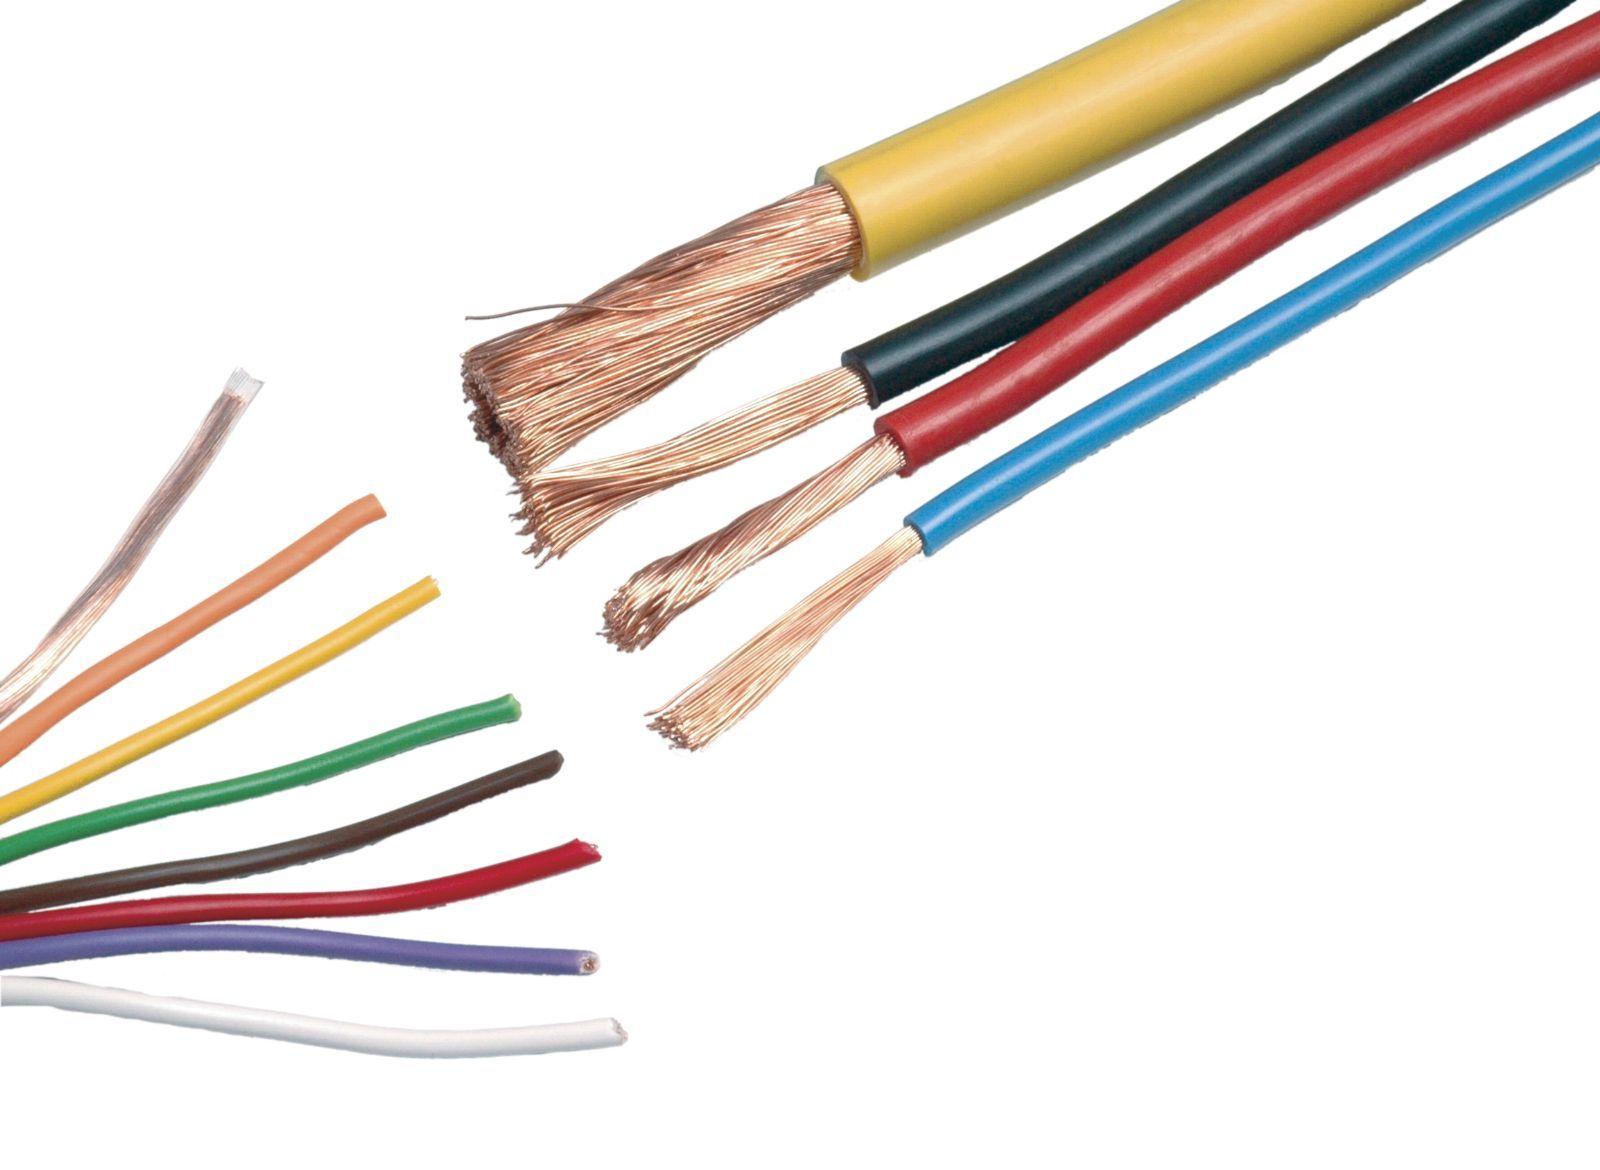 青岛华强电缆教您如何对RVV电源线进行日常维护